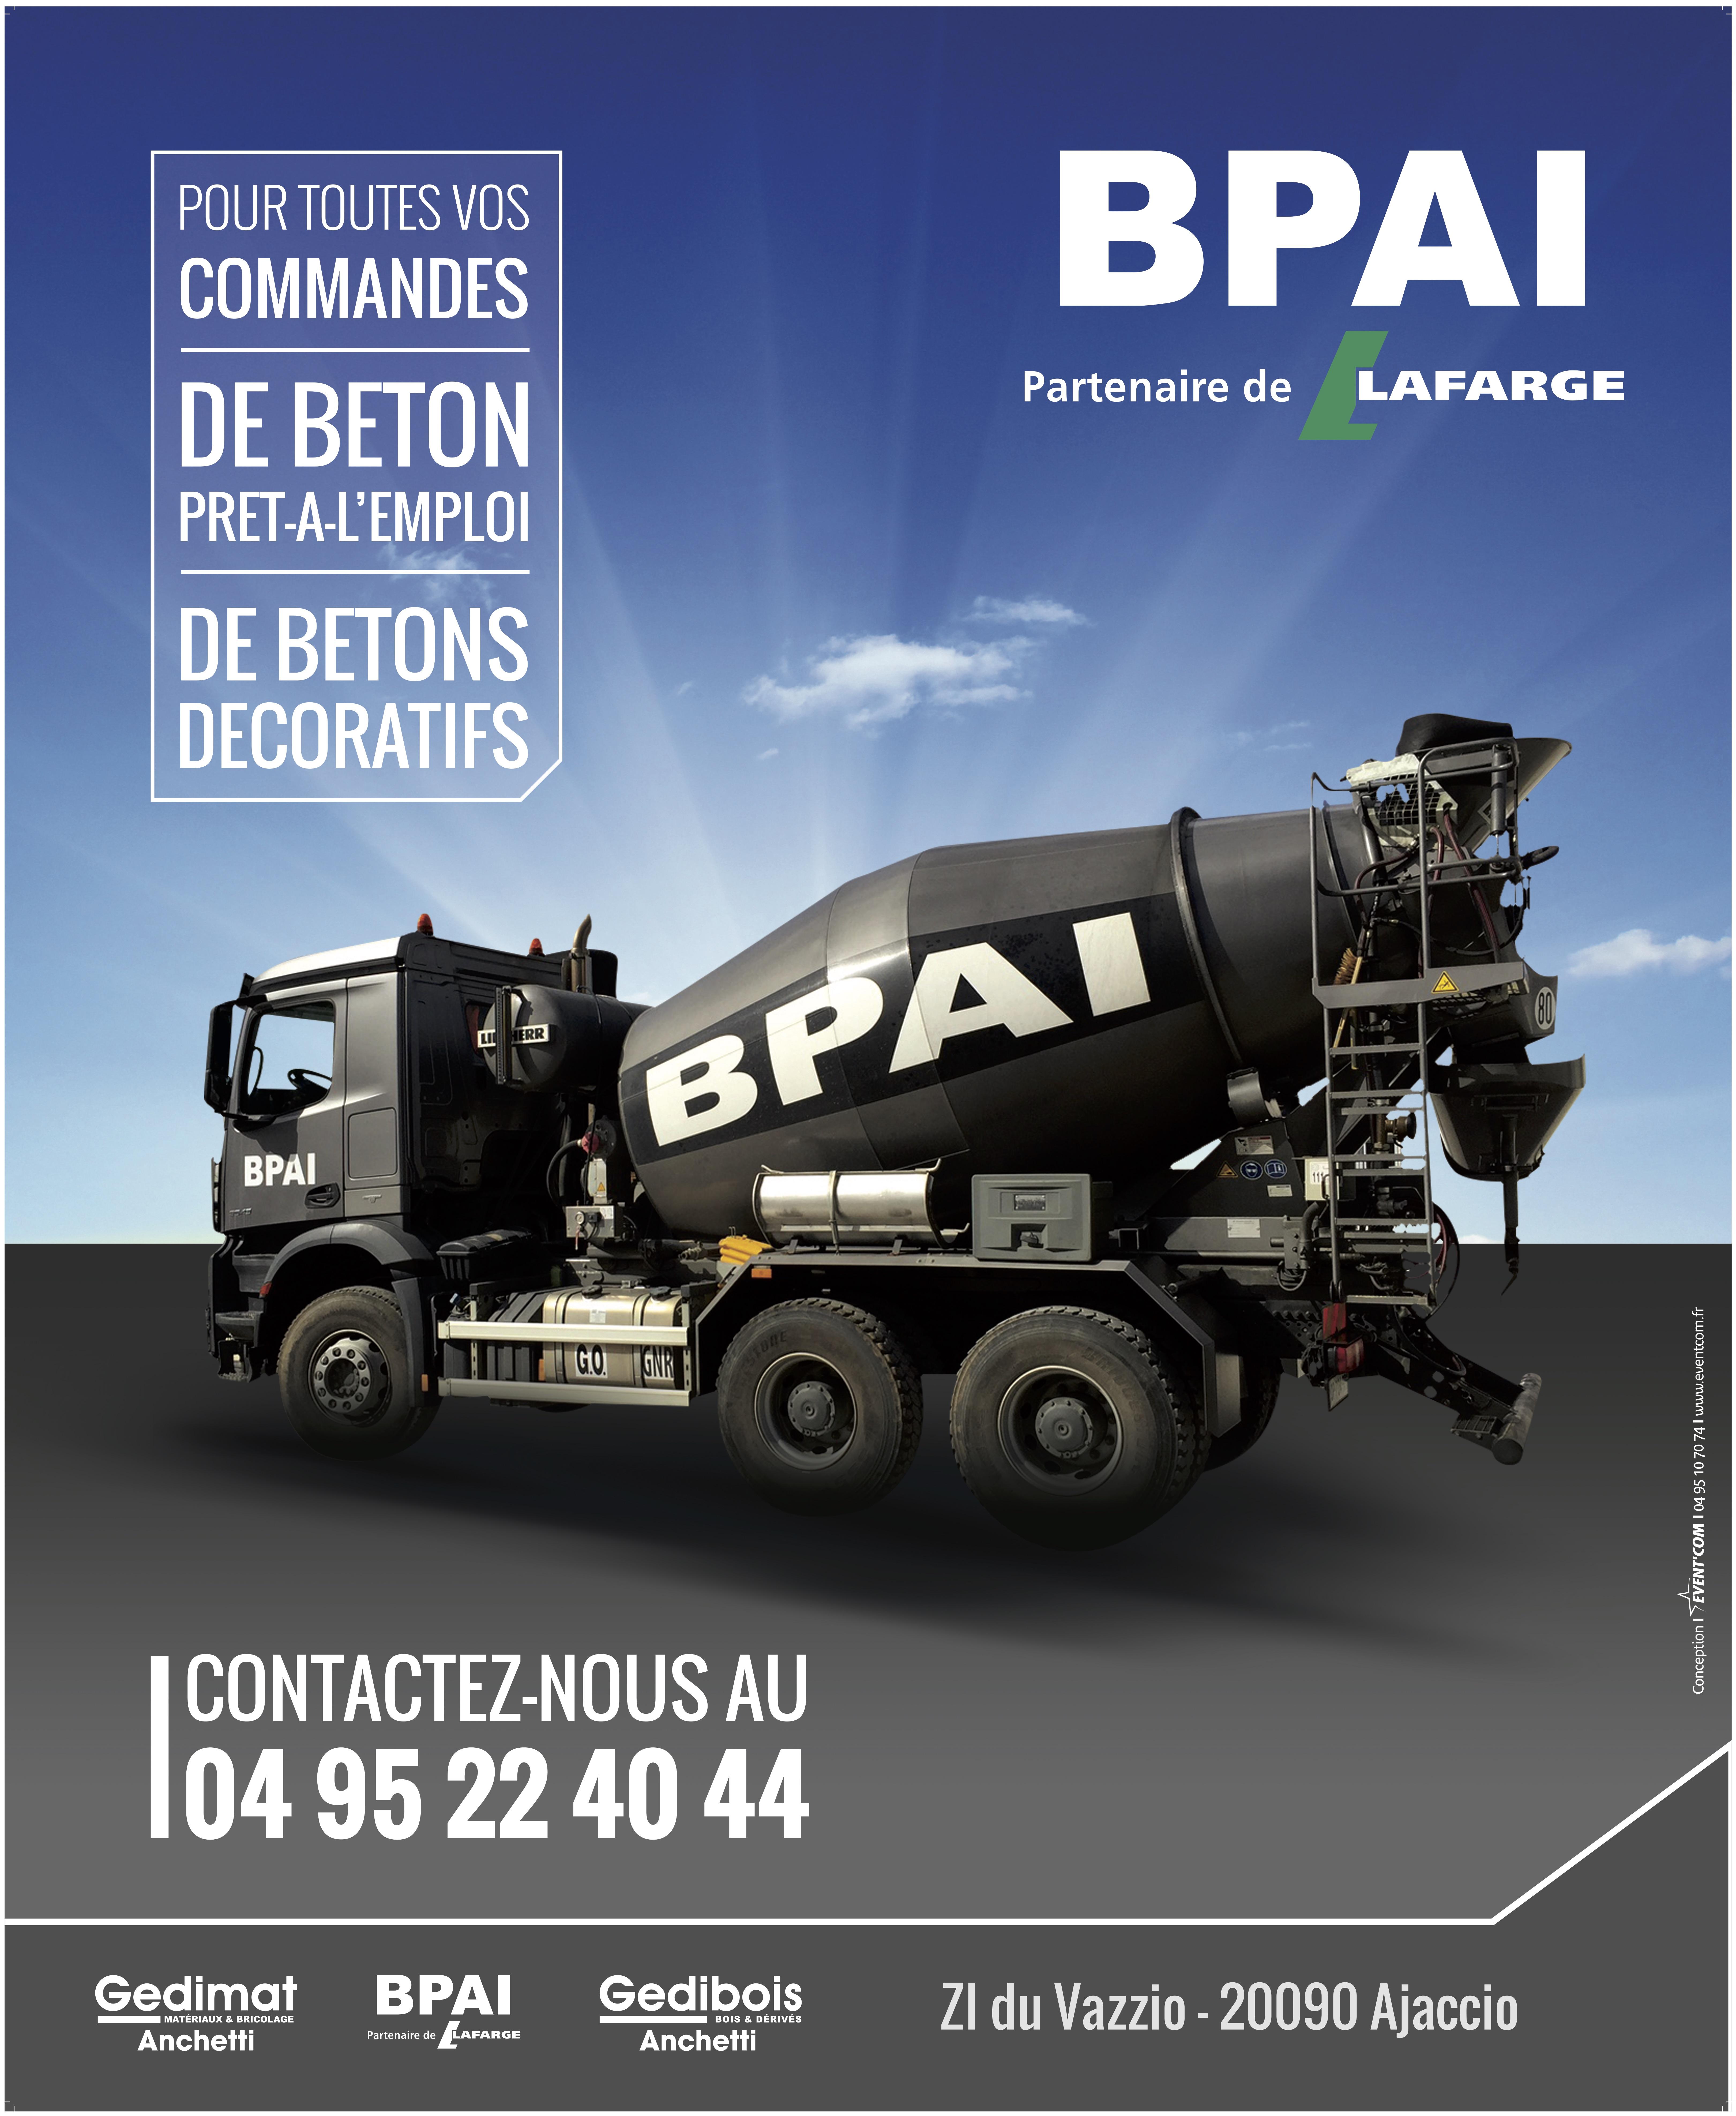 BPAI spécialiste du béton prêt à l'emploi, accompagne professionnels et particuliers dans leurs projets de constructions, d'aménagements et de rénovations.